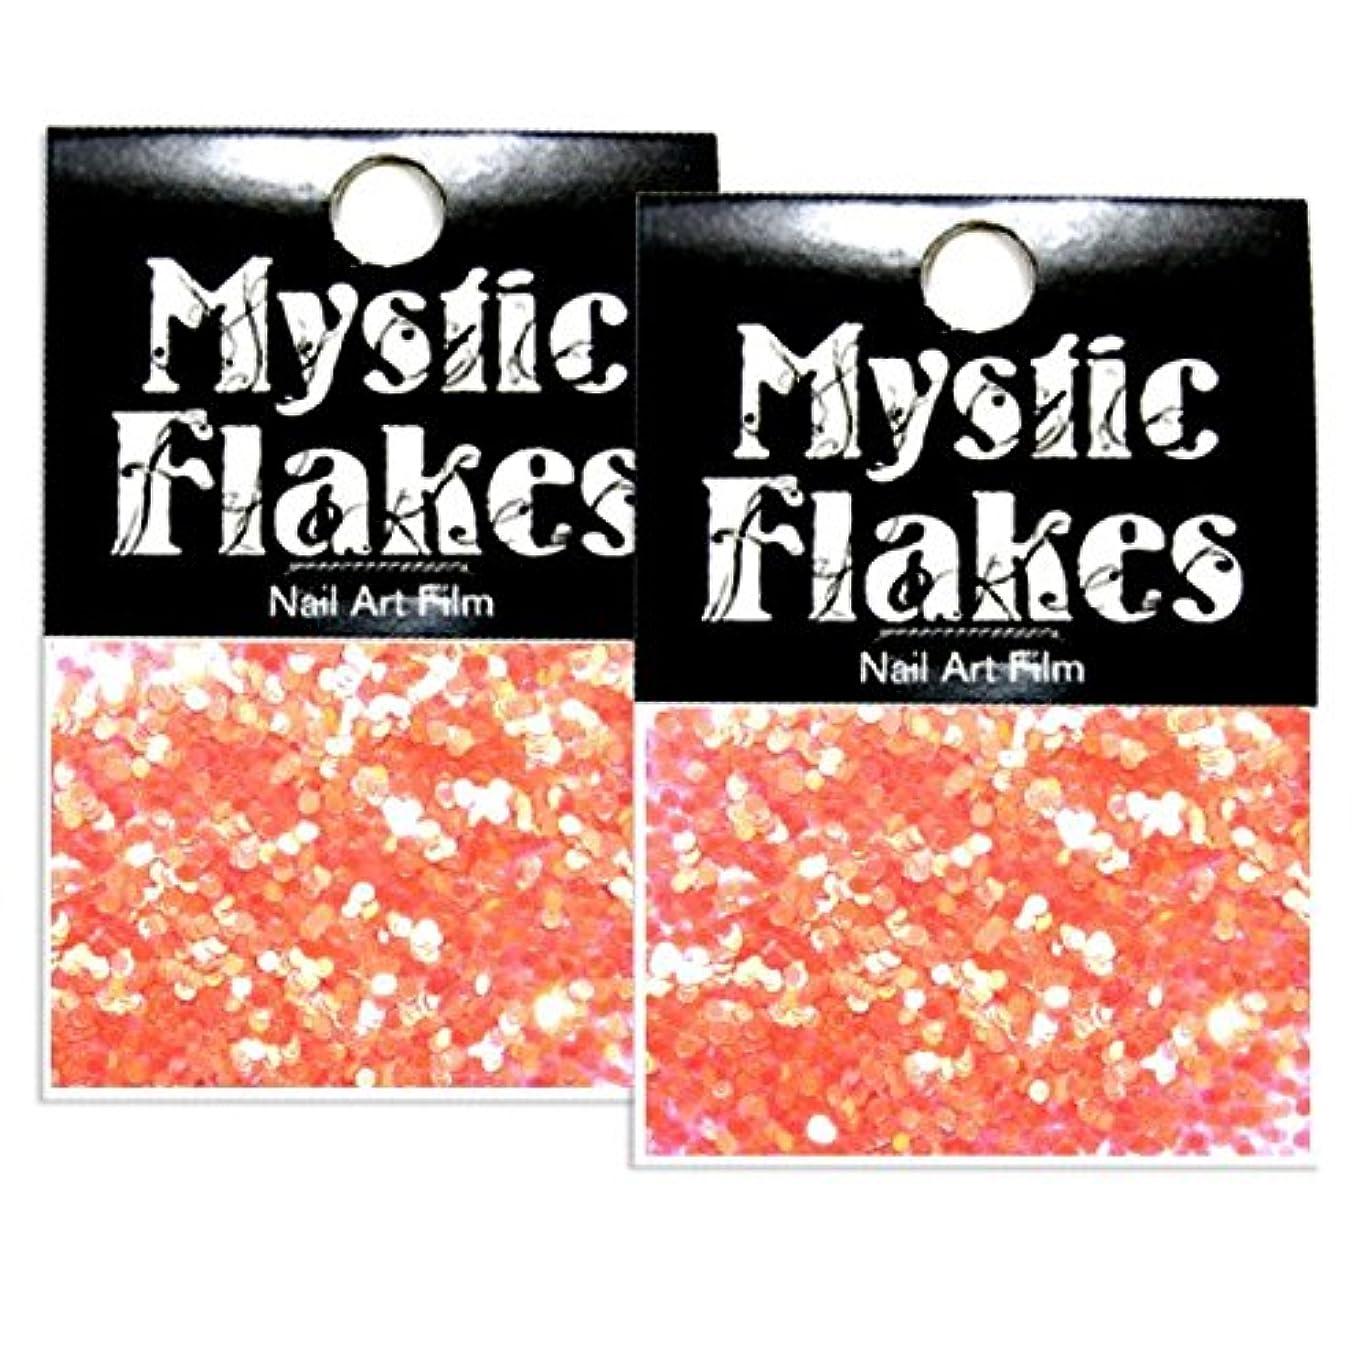 関税旅行代理店オーガニックミスティックフレース ネイル用ストーン パールレッド ヘキサゴン 1mm 0.5g 2個セット